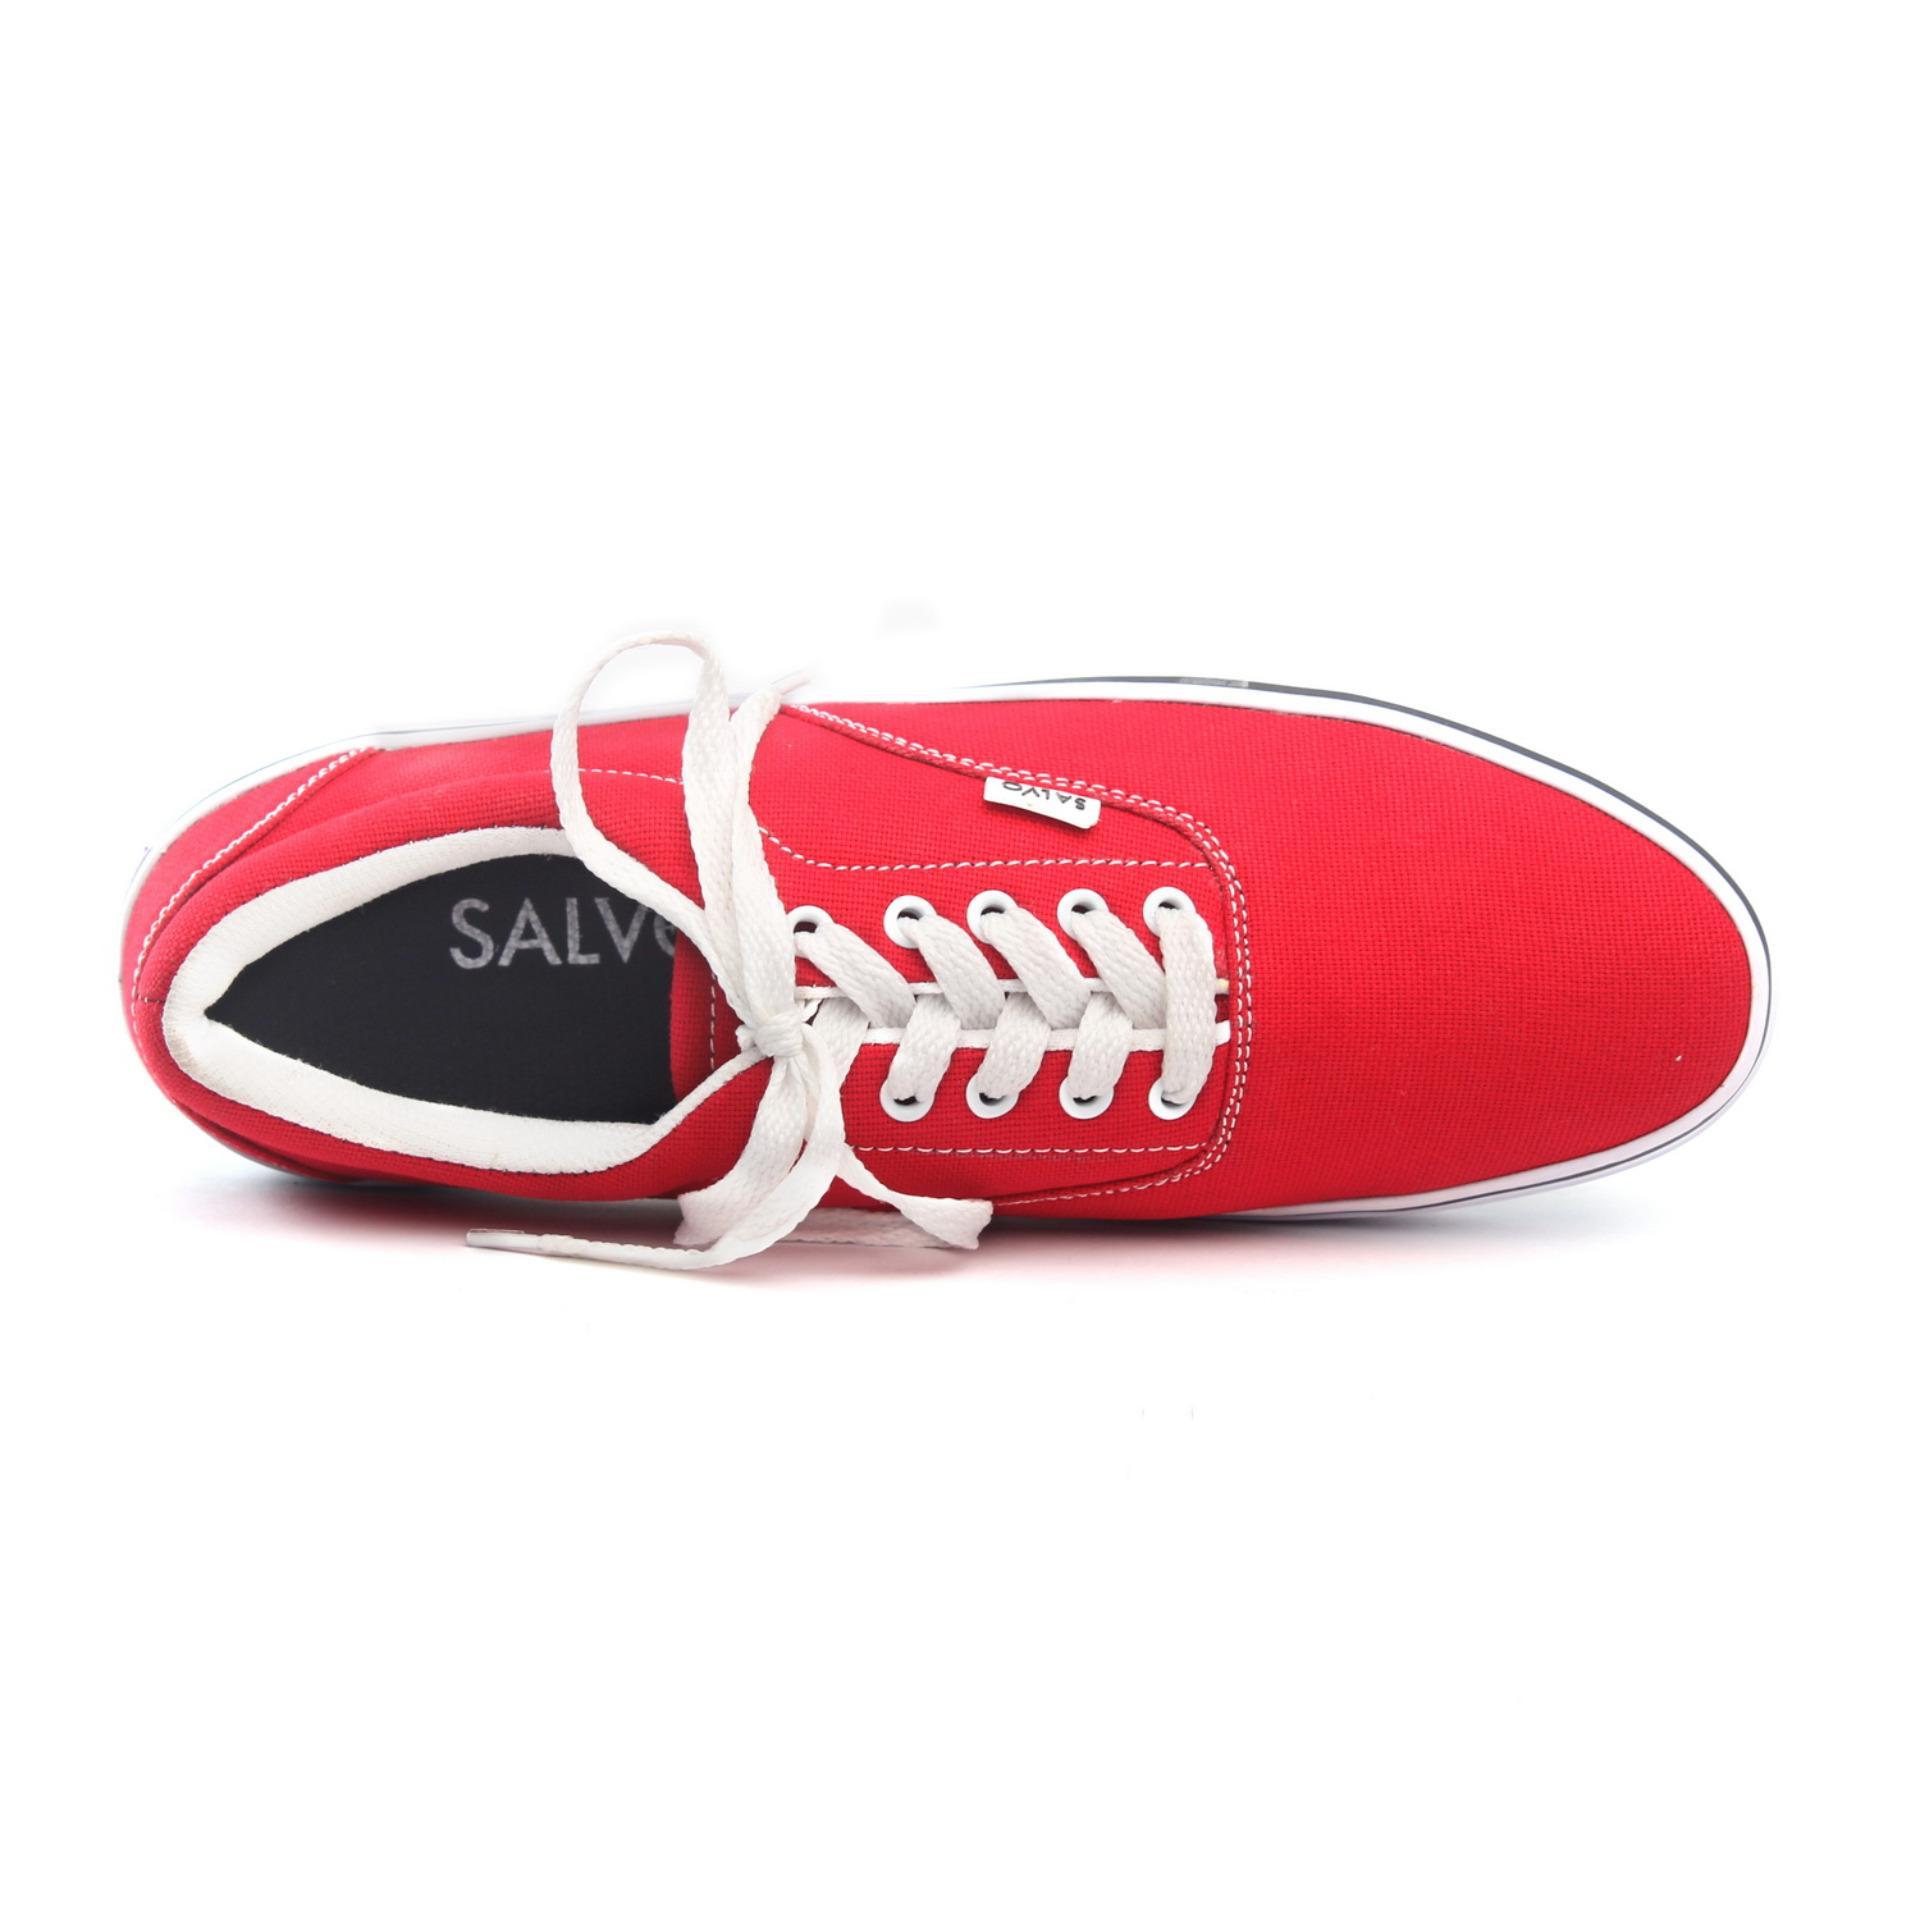 Salvo Sepatu Pria Sneaker Denim Coklat Daftar Harga Terkini Dan Kasual A03 Merah